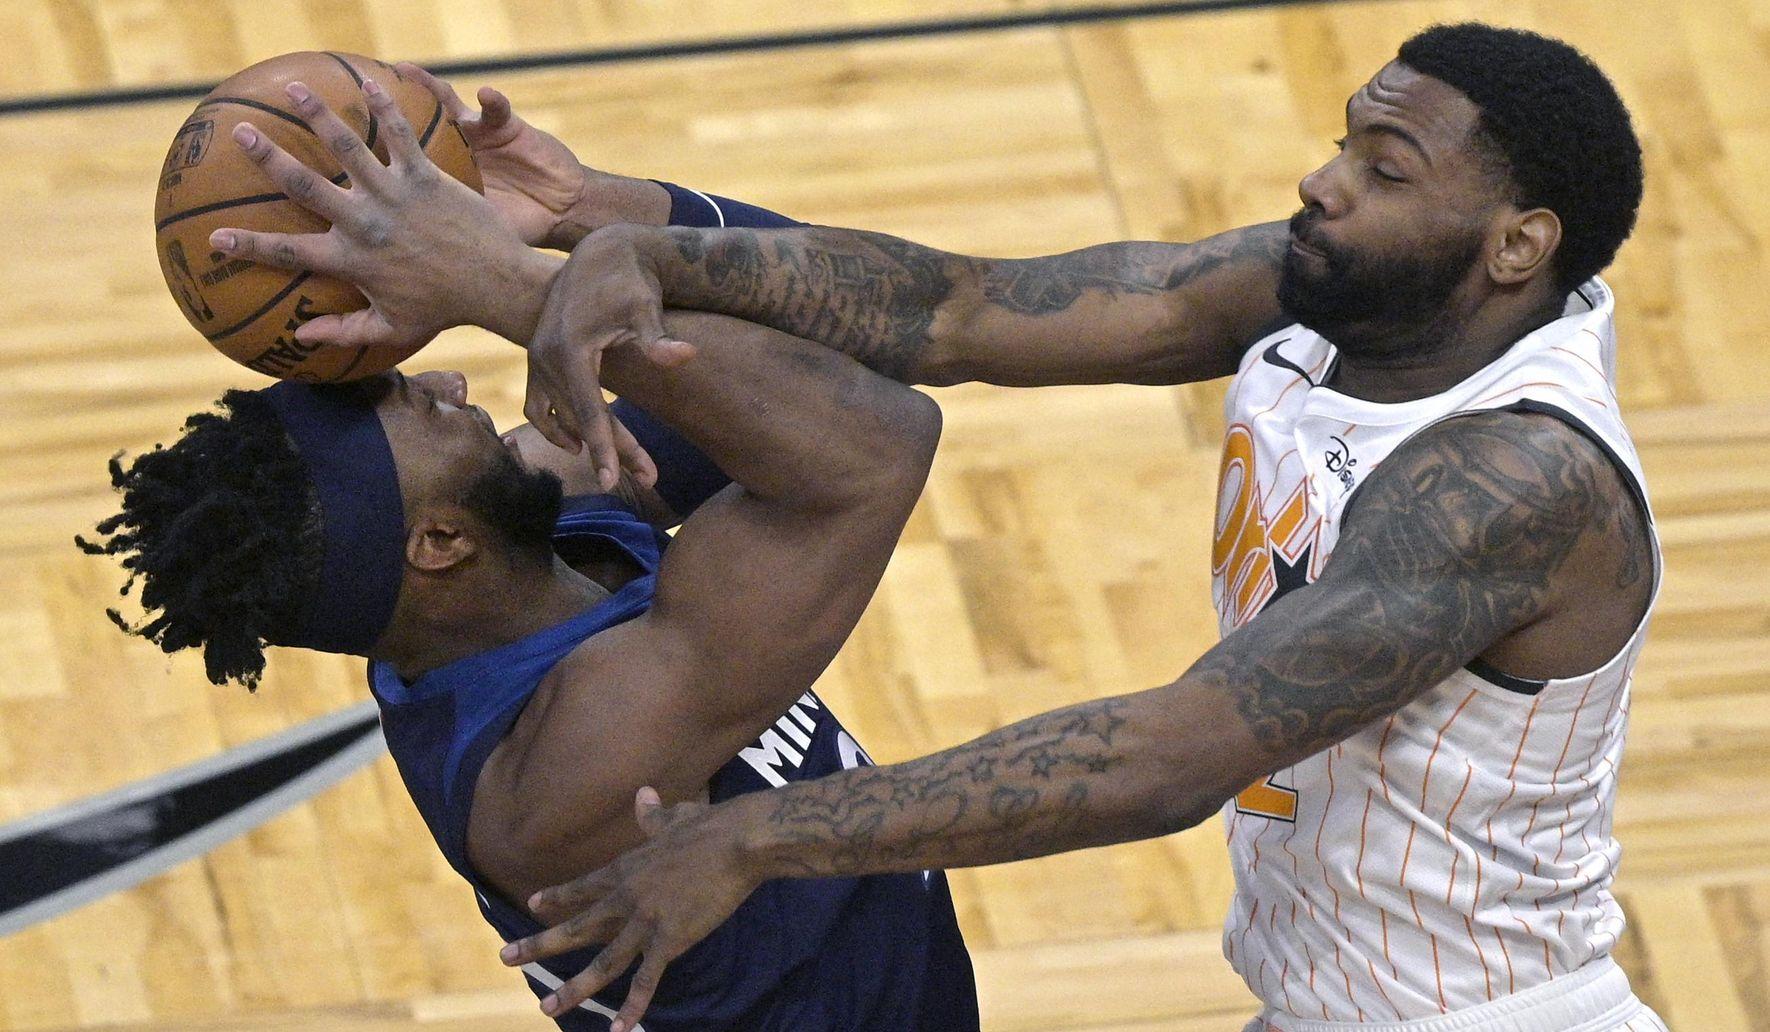 Timberwolves_magic_basketball_36486_c0-107-2611-1629_s1770x1032